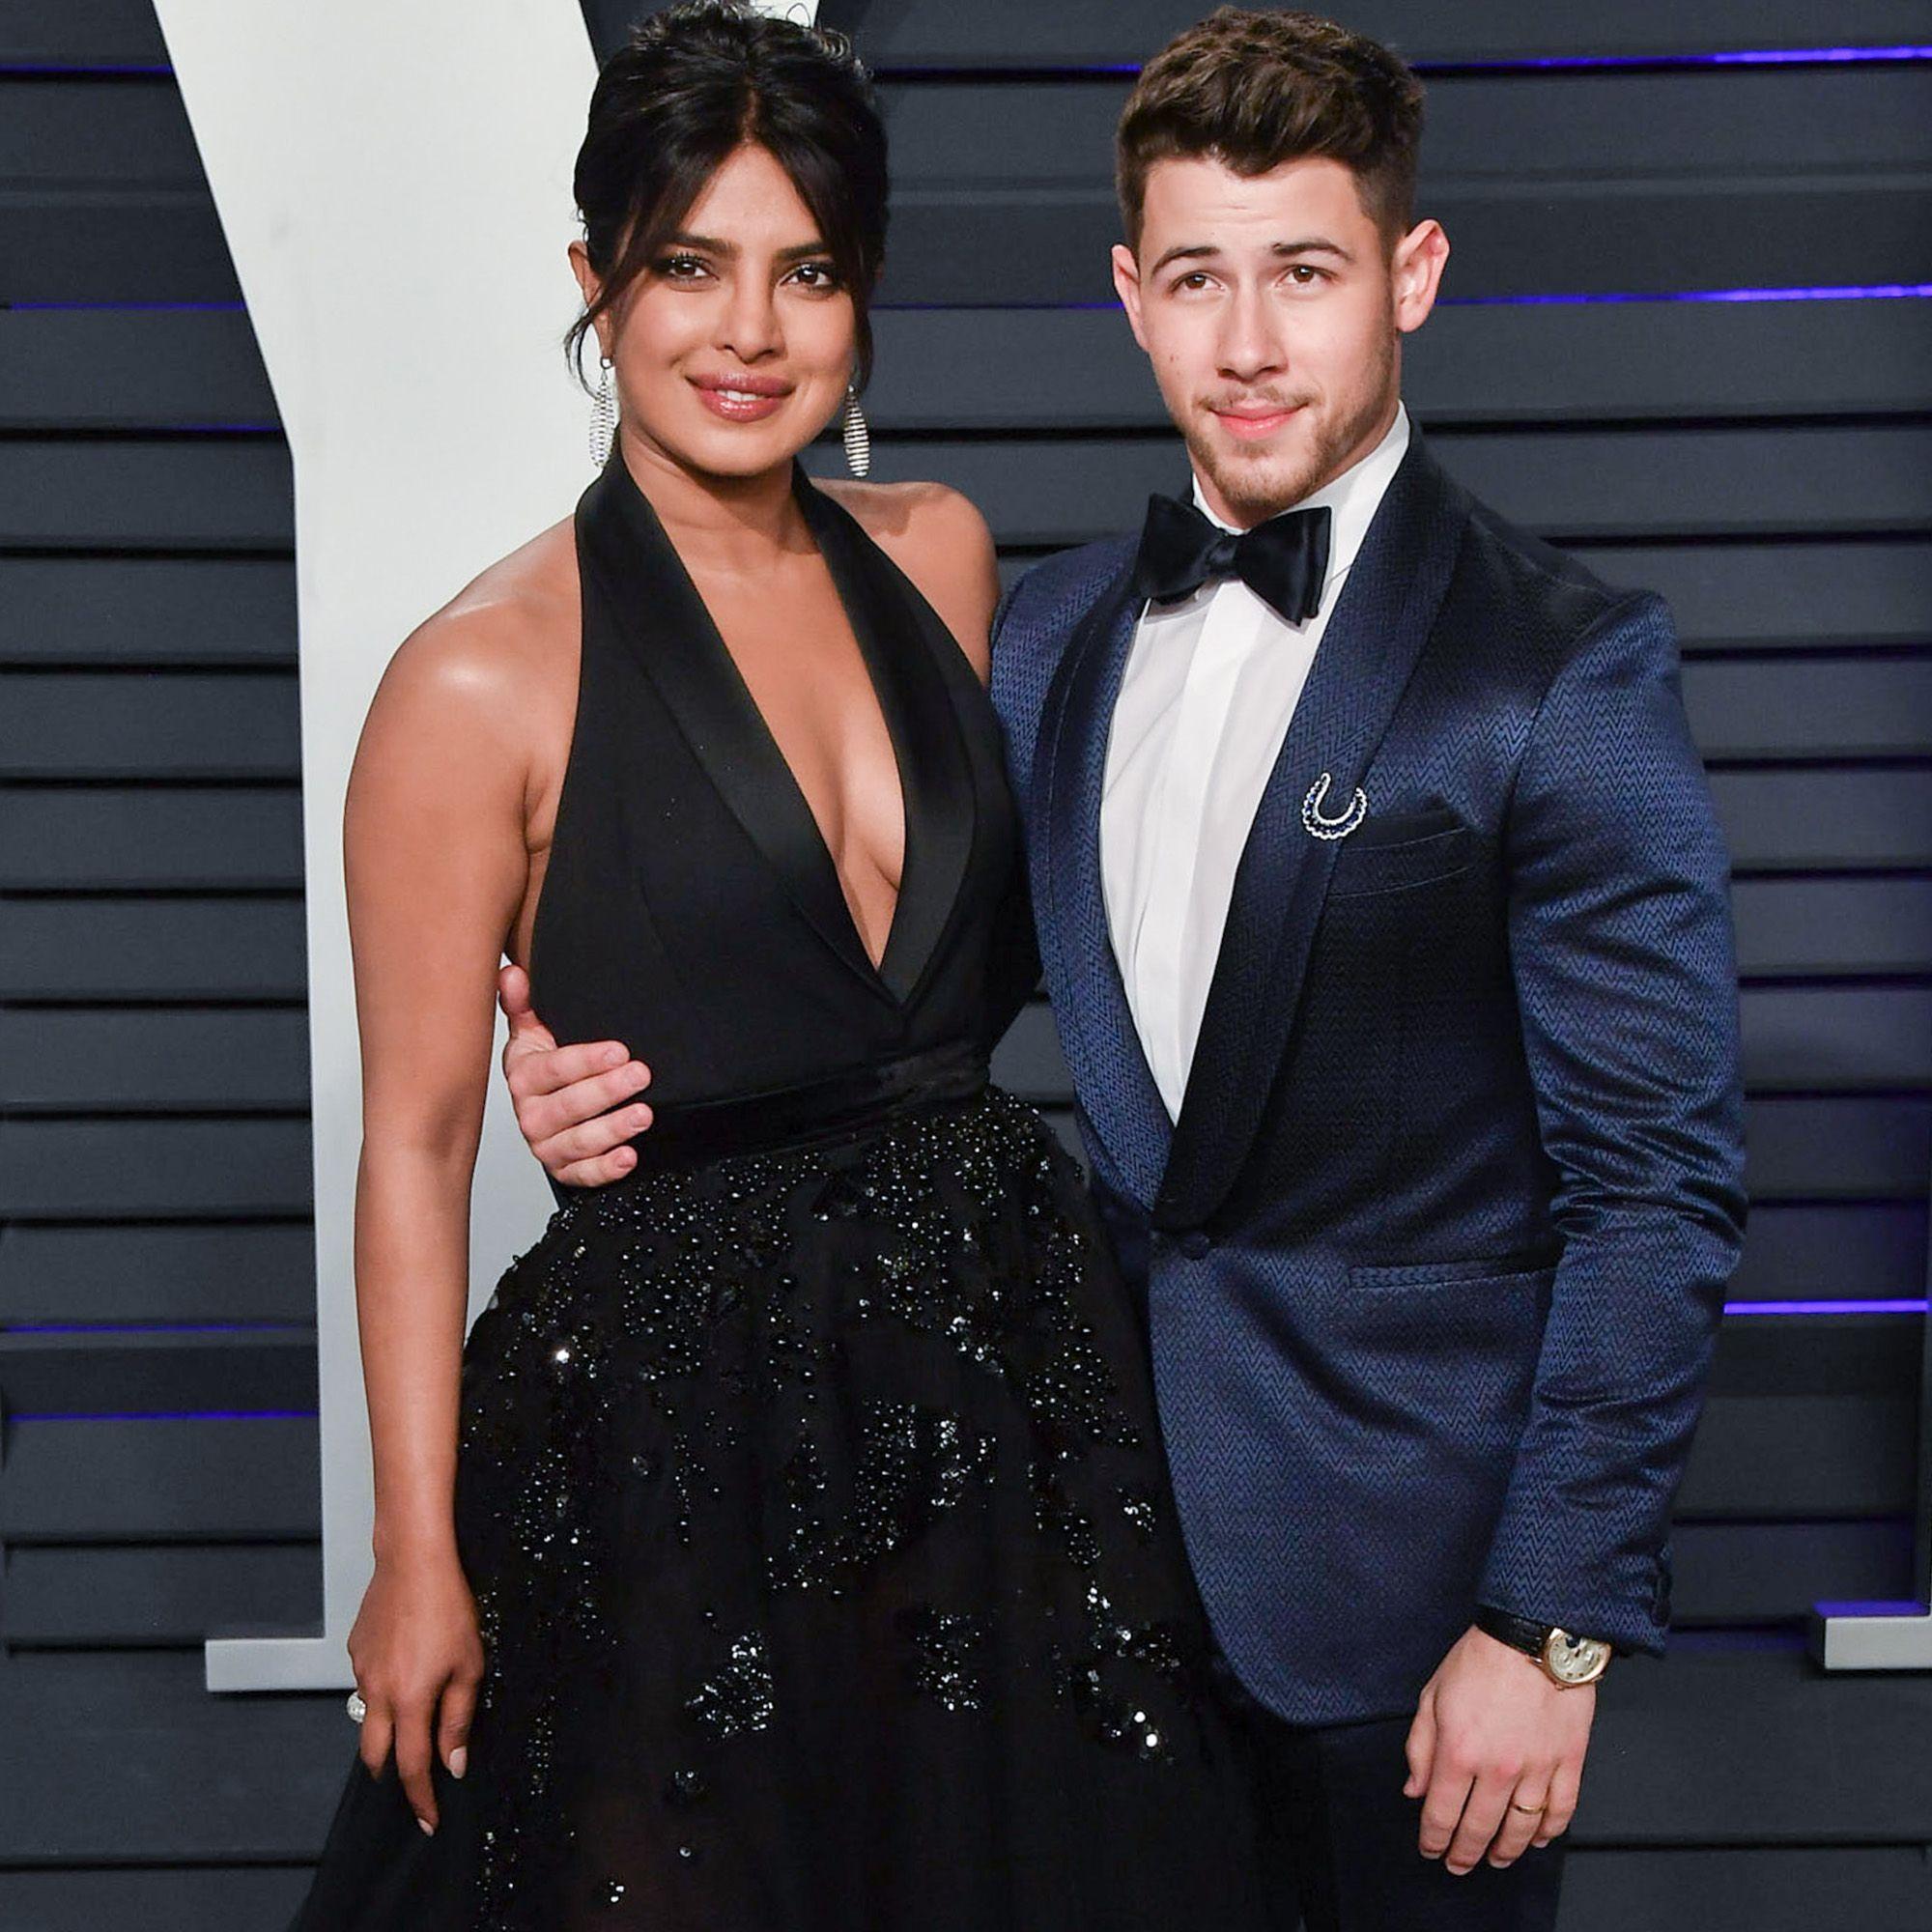 Priyanka Chopra And Nick Jonas Attend The Oscars Party